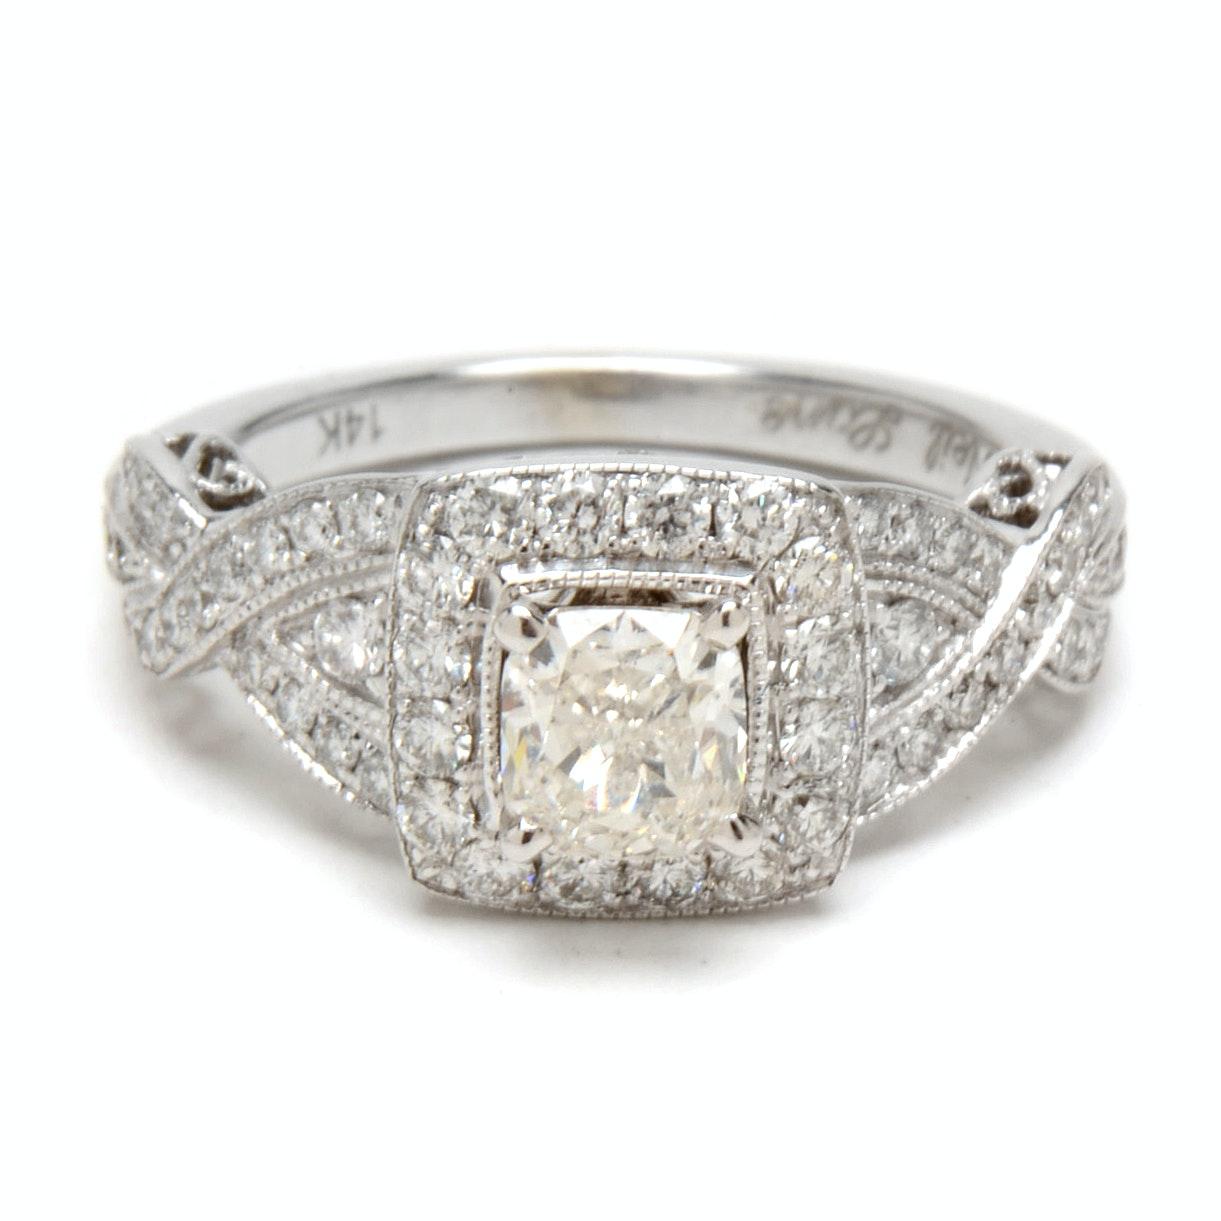 Neil Lane 14K White Gold 1.34 CTW Diamond Engagement Ring